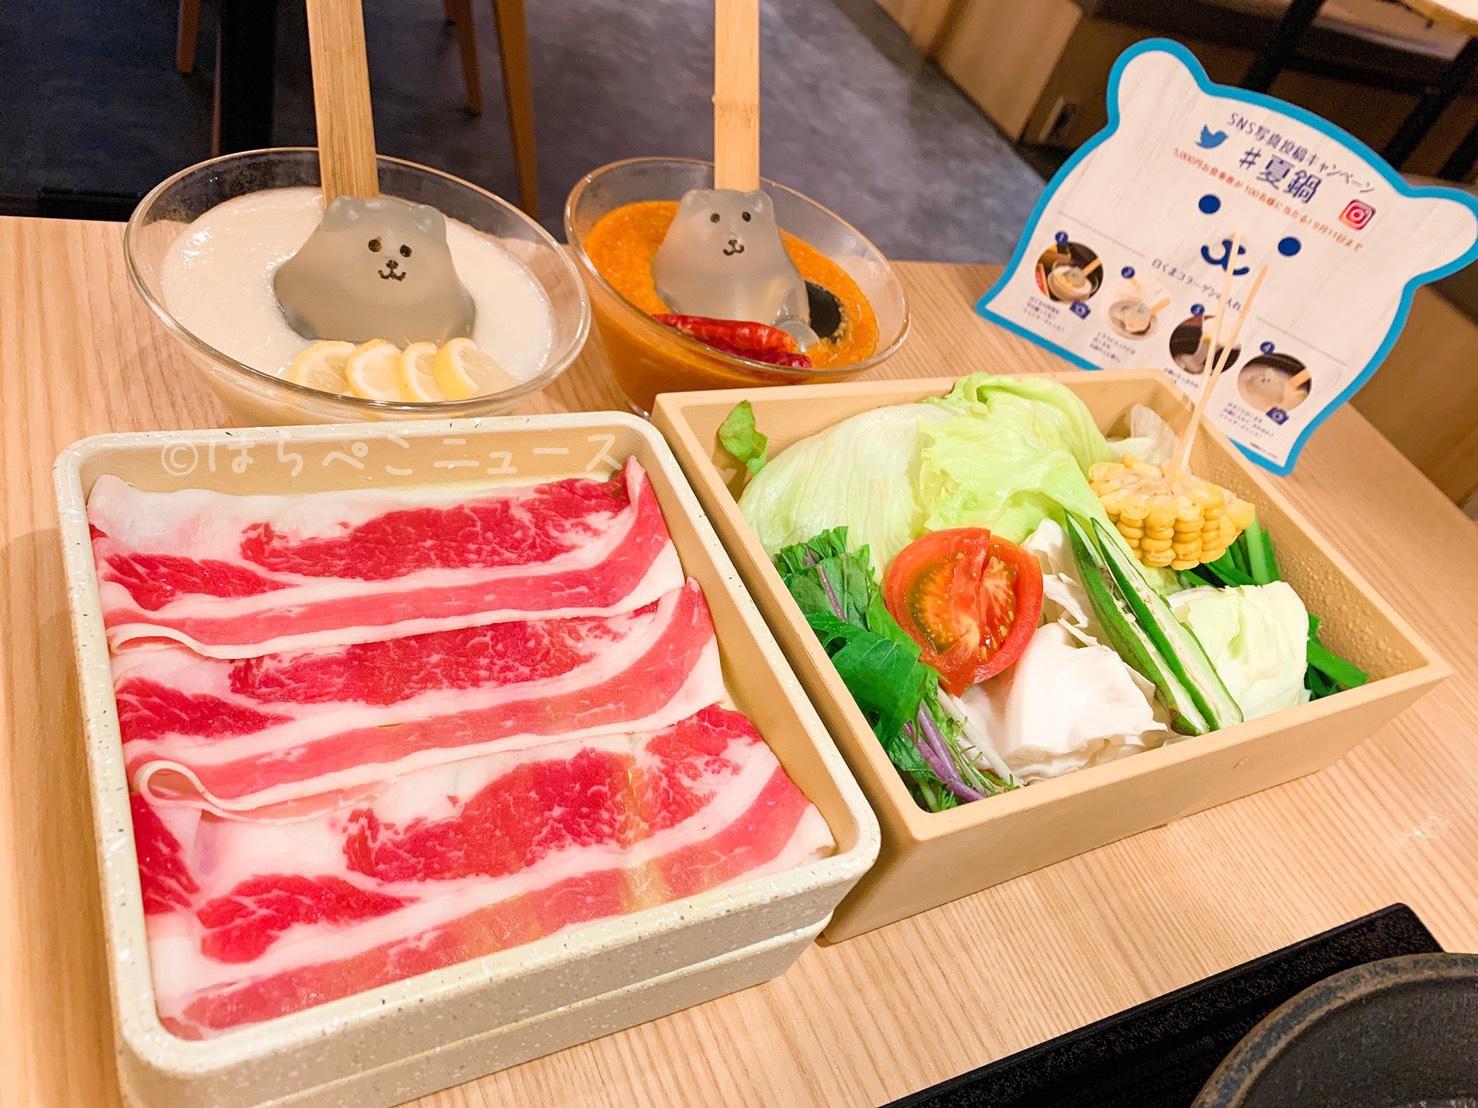 【実食レポ】しゃぶしゃぶ温野菜で白くまコラーゲン!「3色とろろのふわとろ夏鍋」食べ放題!